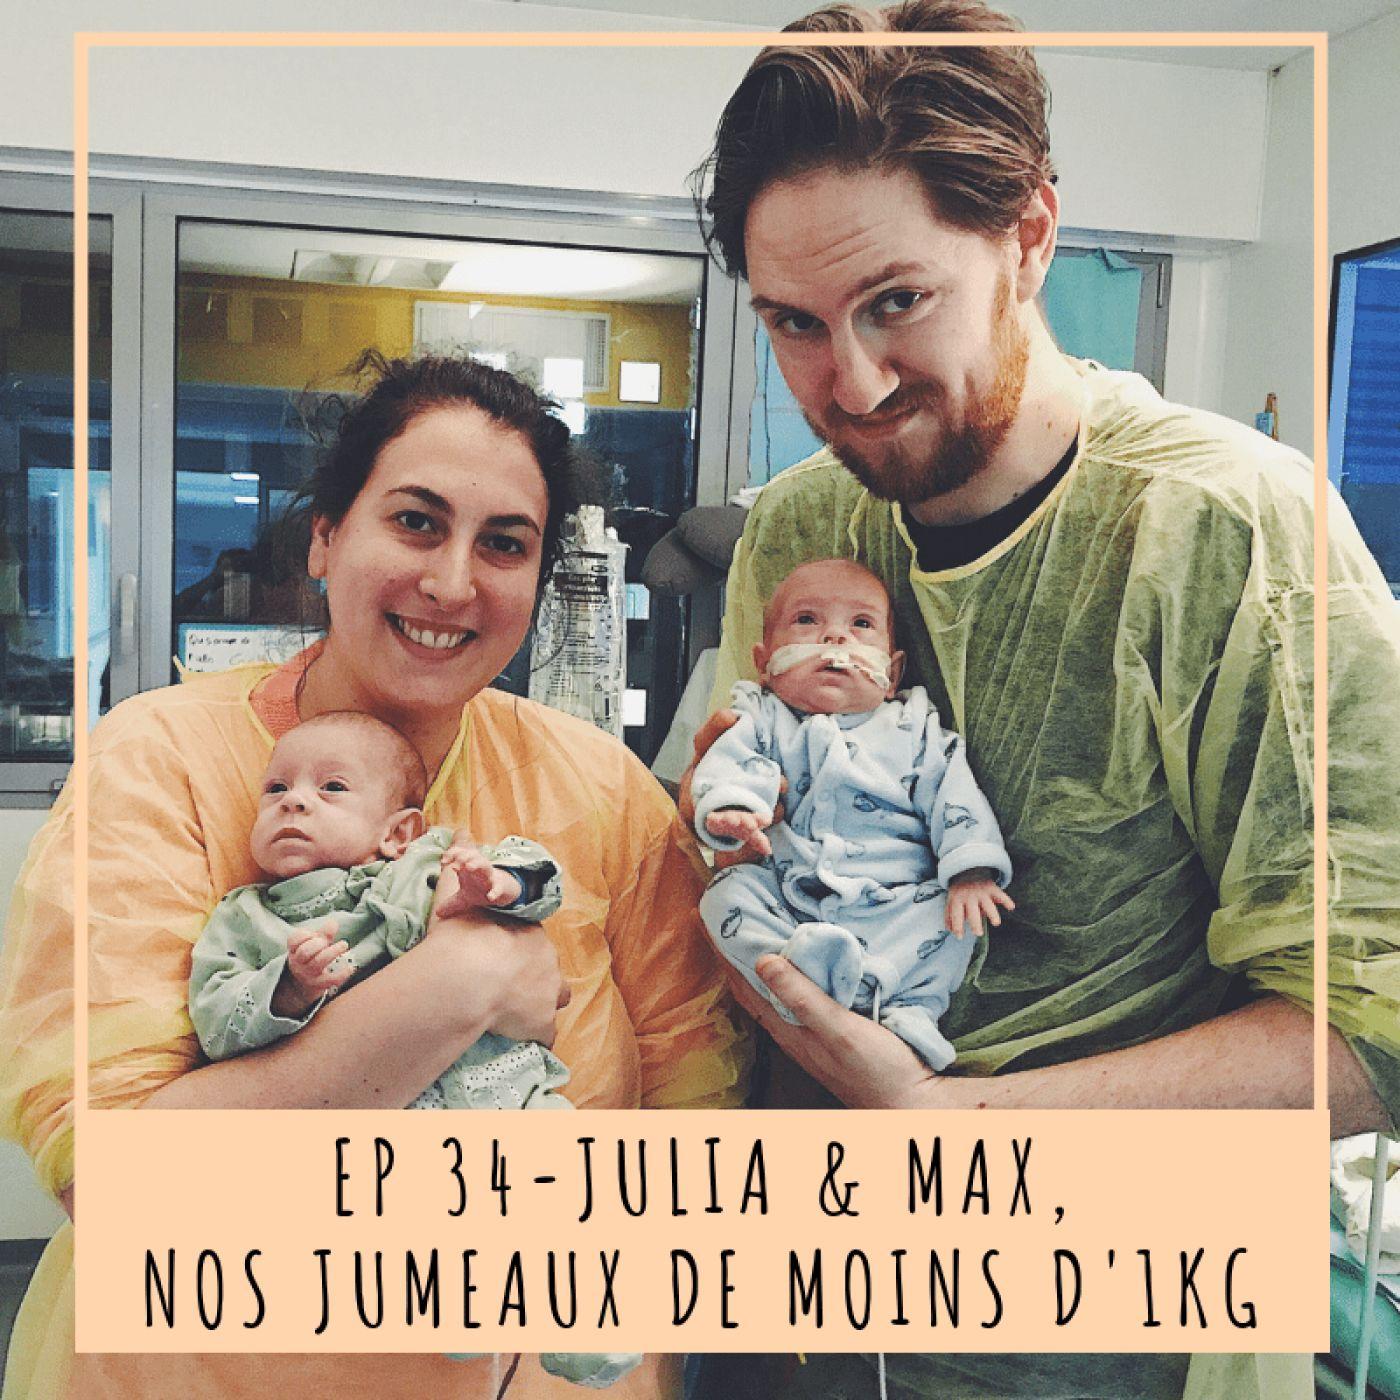 EP 34 - JULIA & MAX, NOS JUMEAUX DE MOINS D'1KG